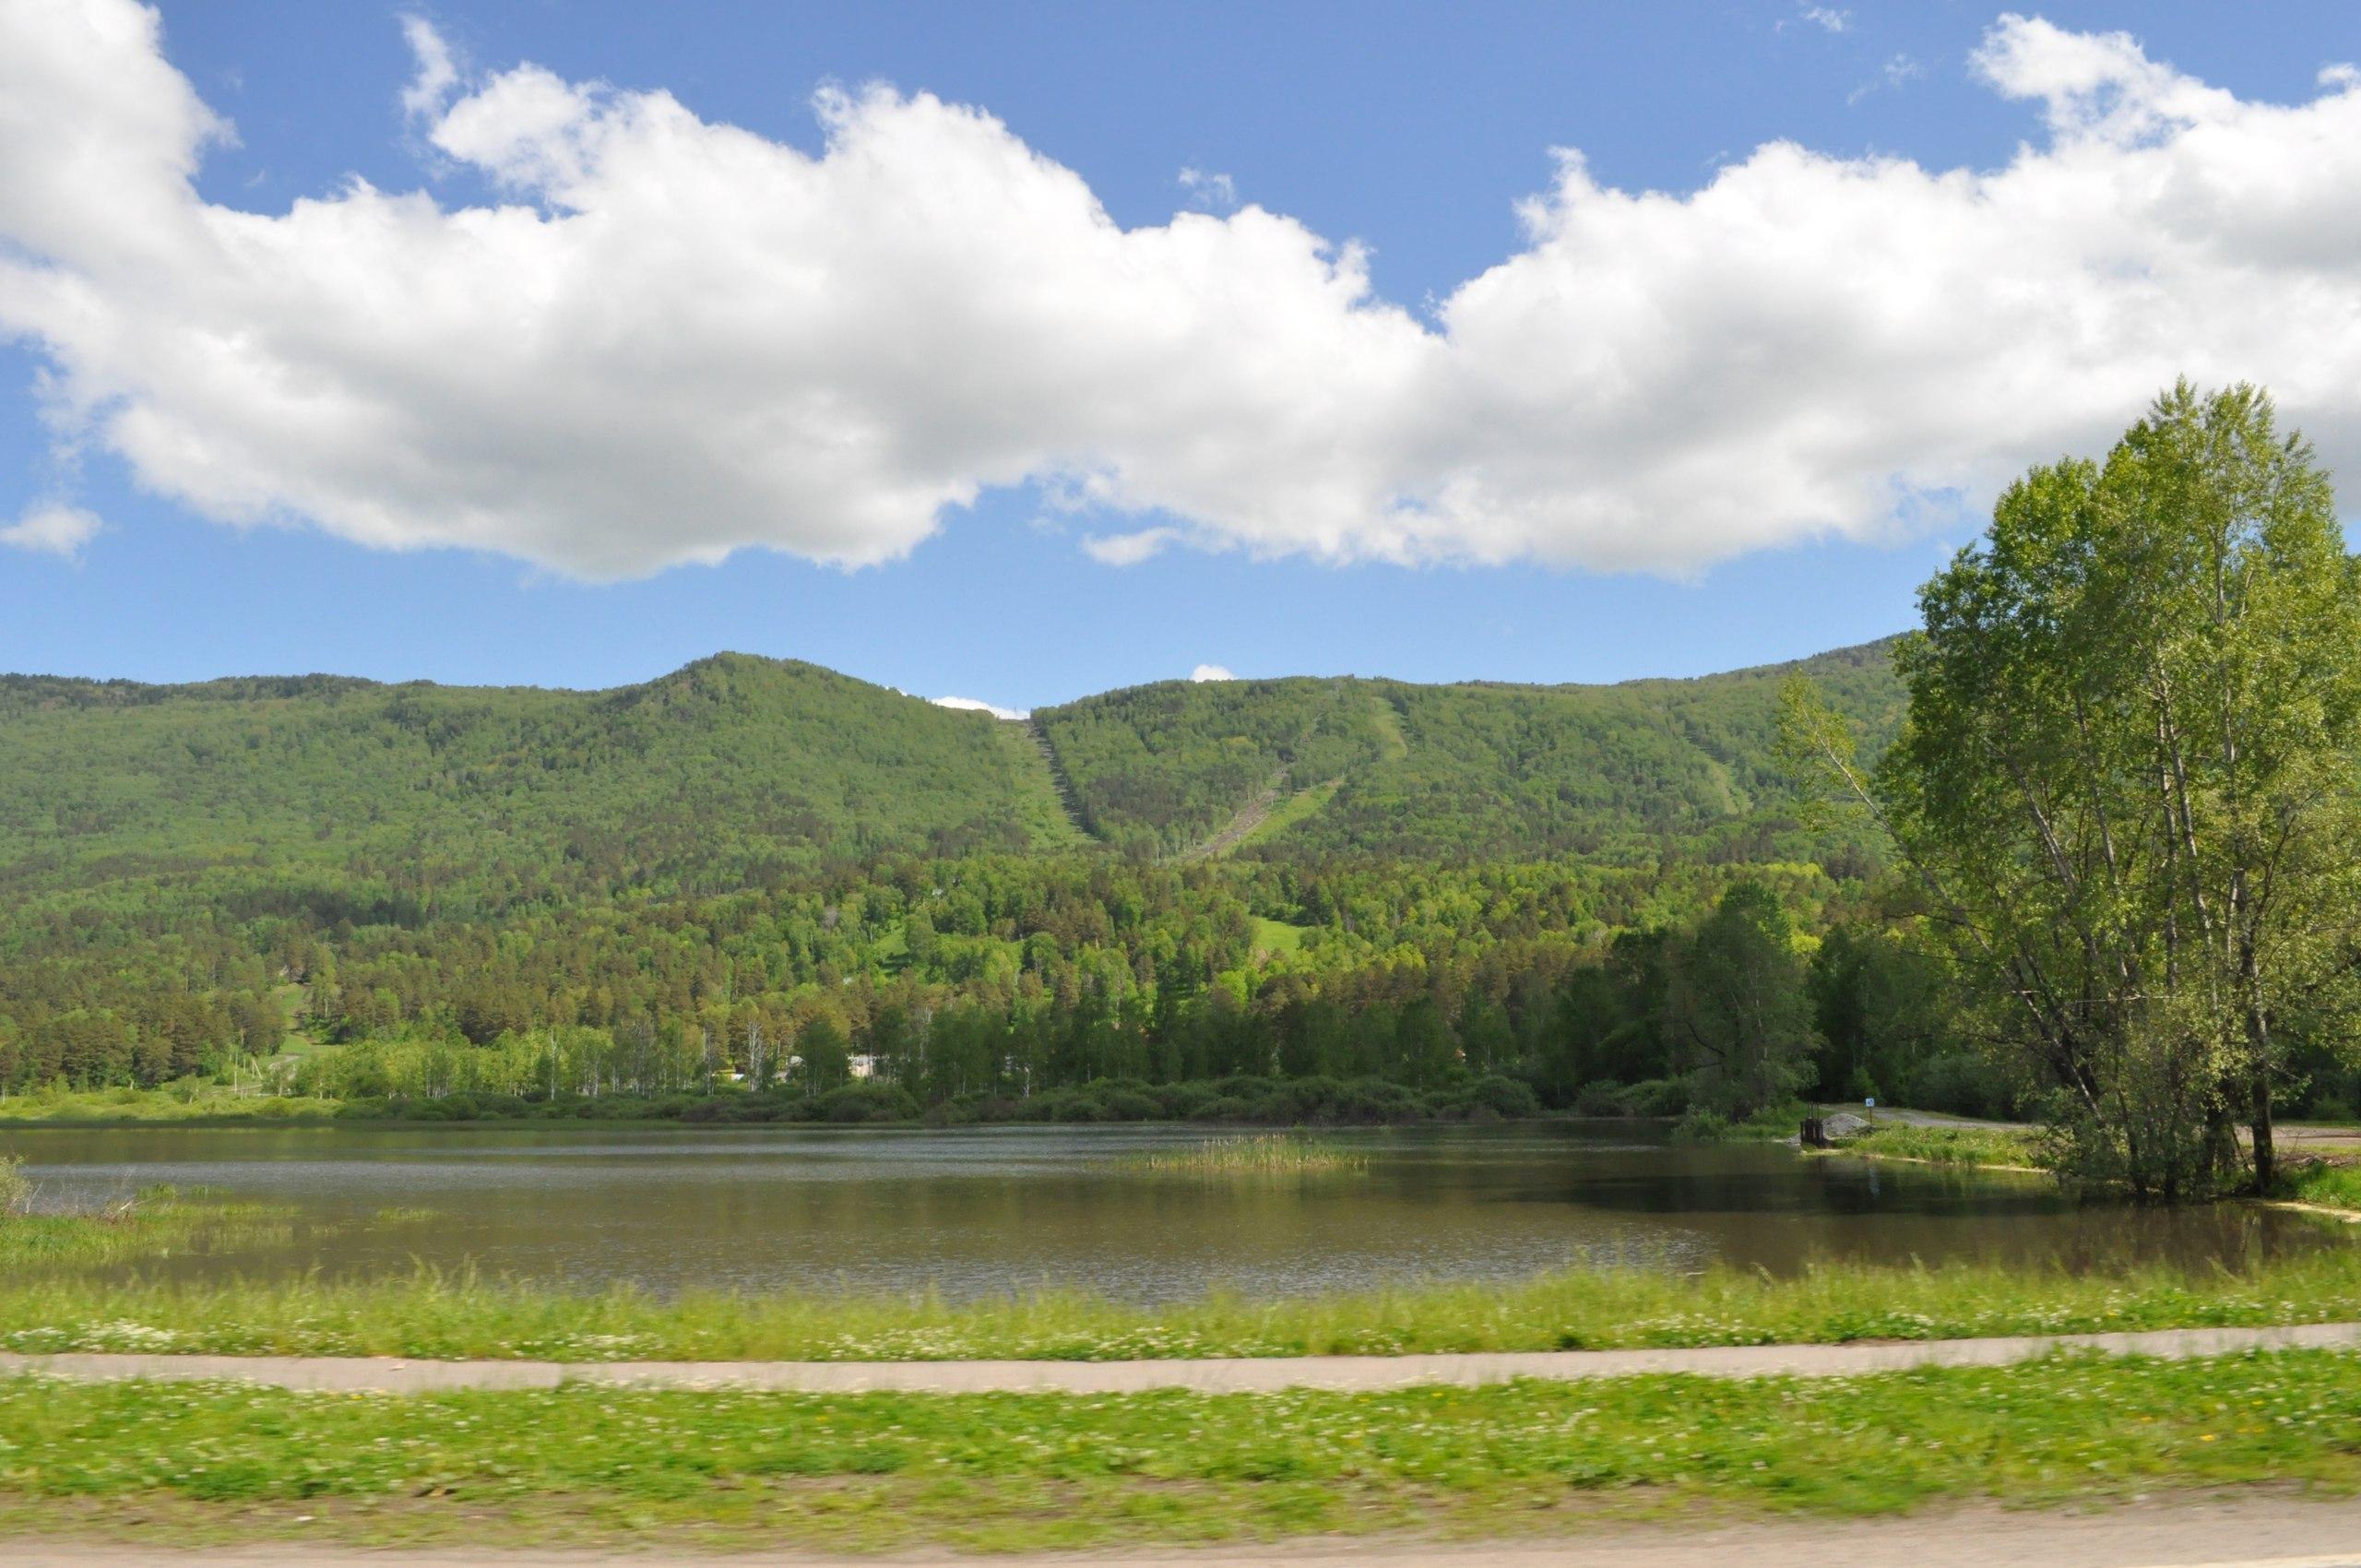 озеро манжерок картинки